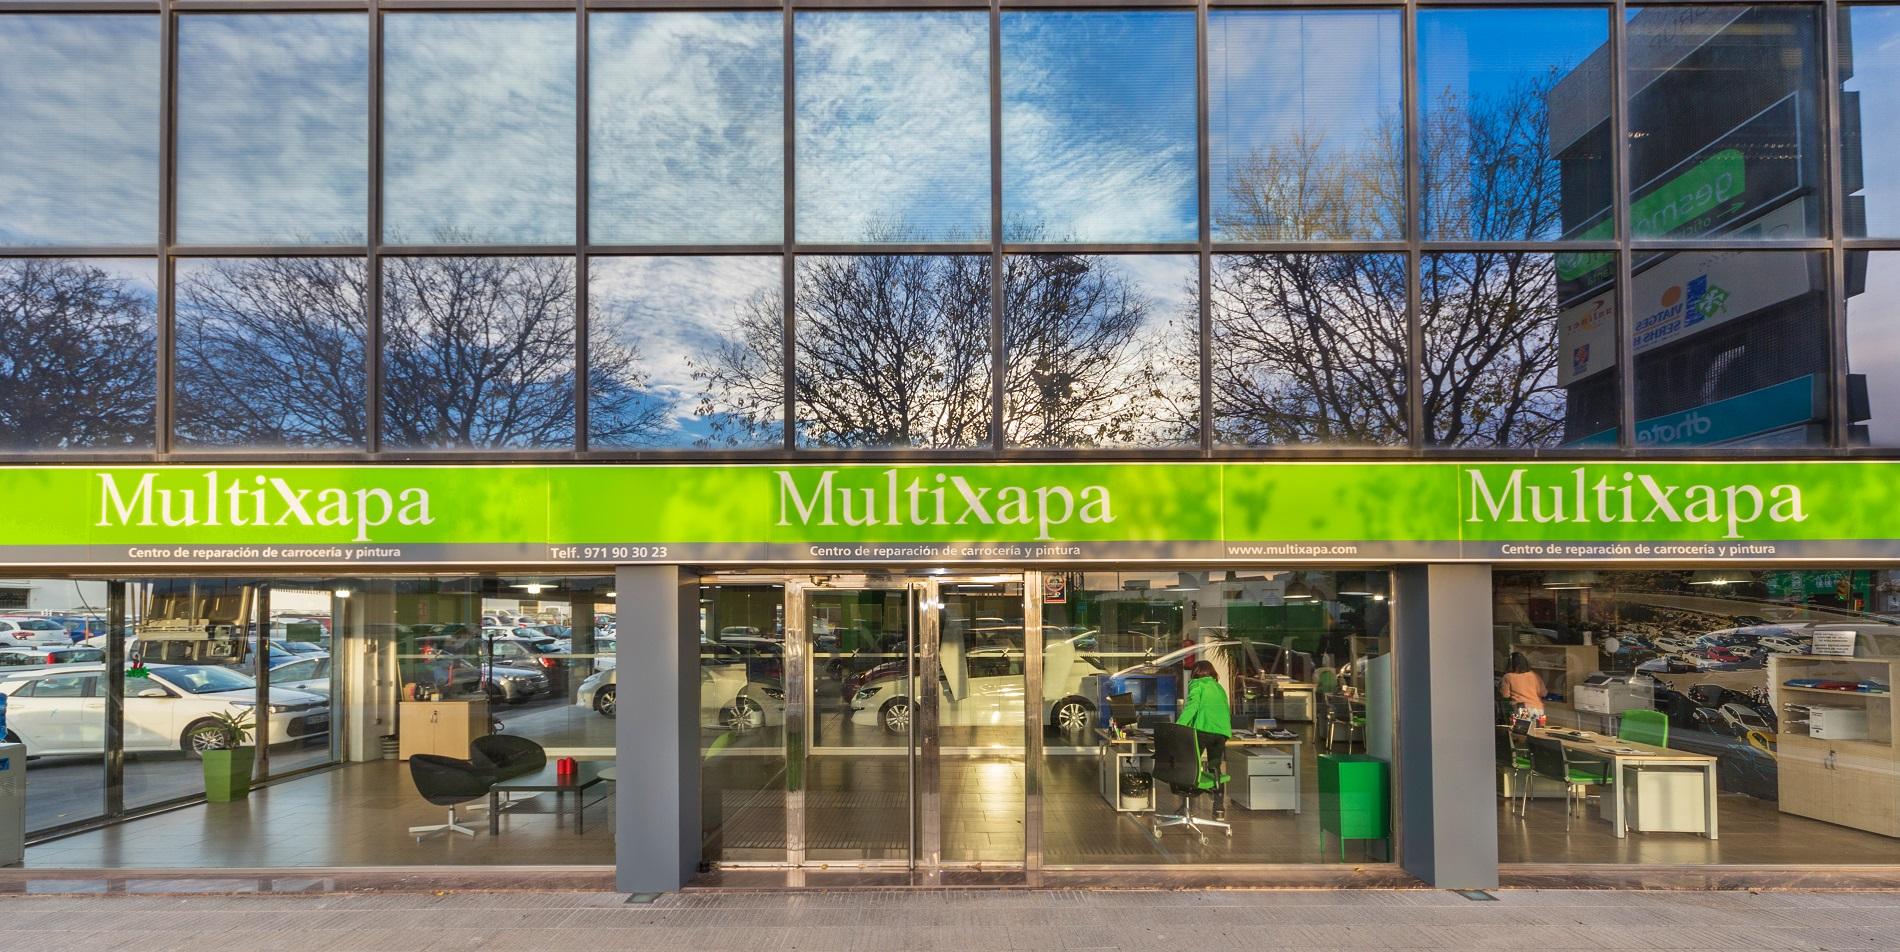 Multixapa - Taller de chapa y pintura en Mallorca